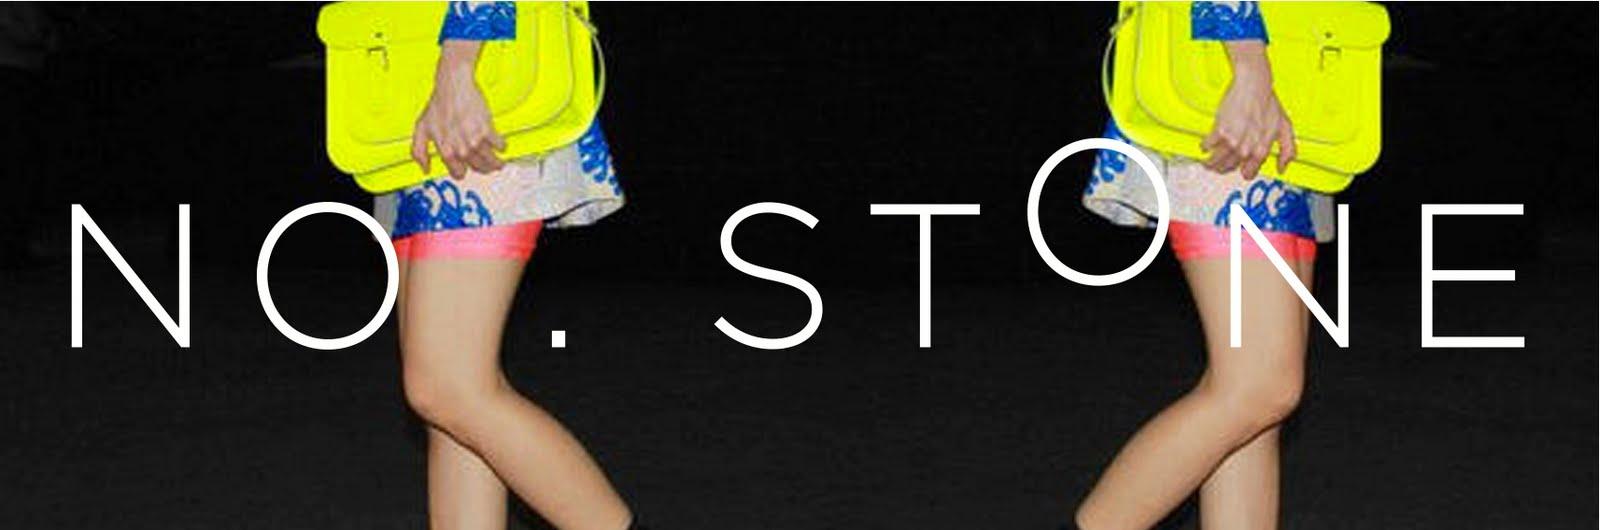 NO . STONE